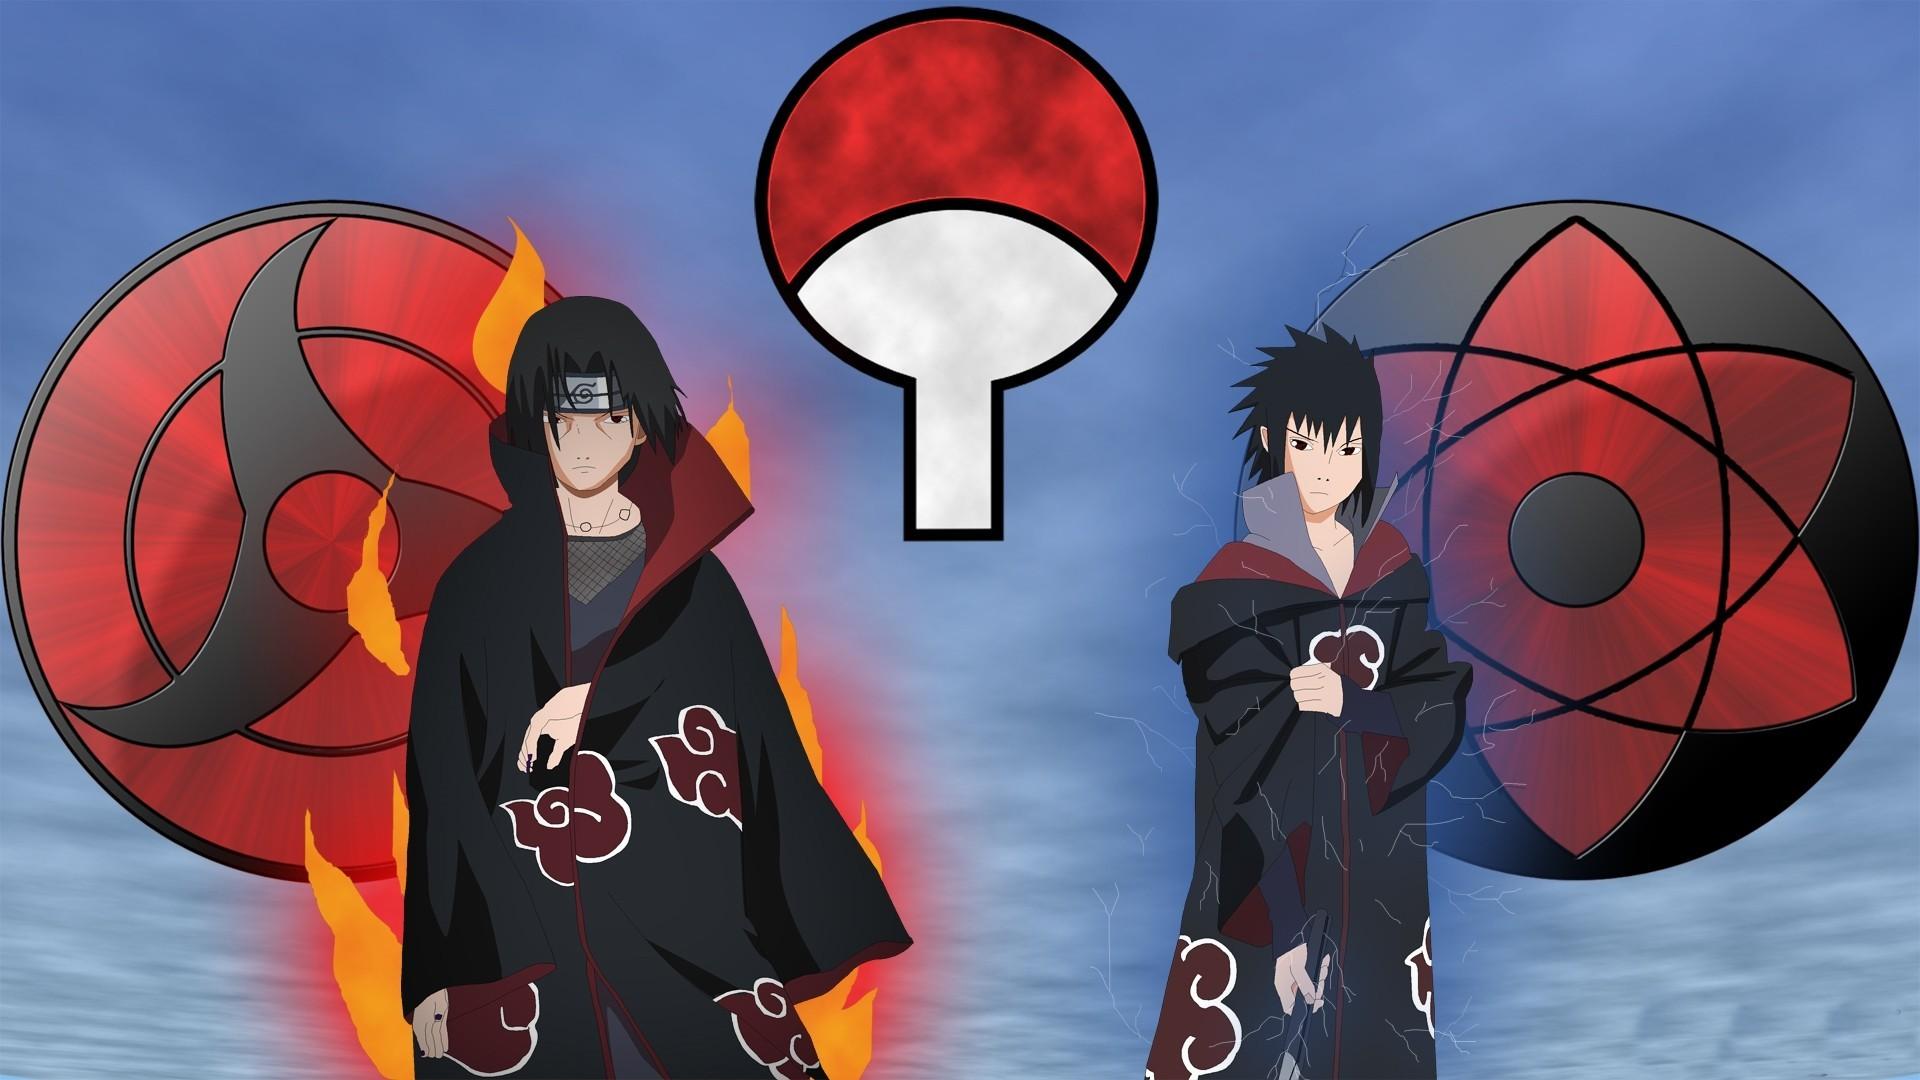 Download-Naruto-Shippuden-Naruto-mangekyou-sharingan-chidori-oriental-raikiri-doujut-wallpaper-wp3605119